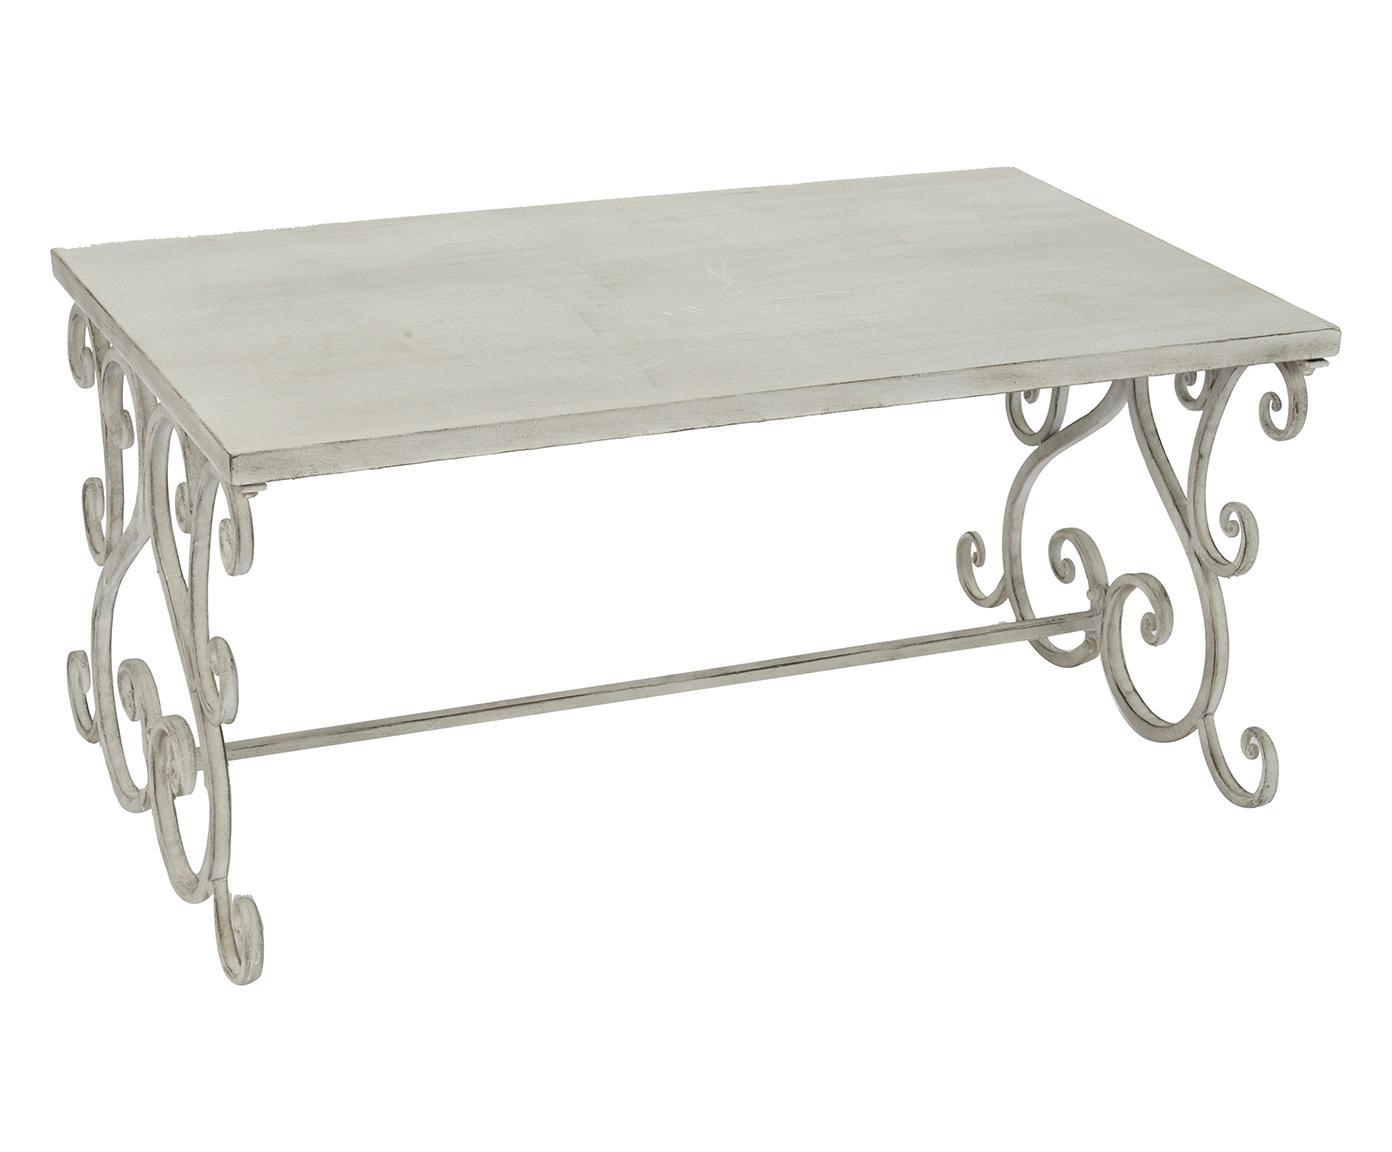 Flab tavolo in ferro marca flab prezzo e offerte sottocosto for Giardino 56 carpi